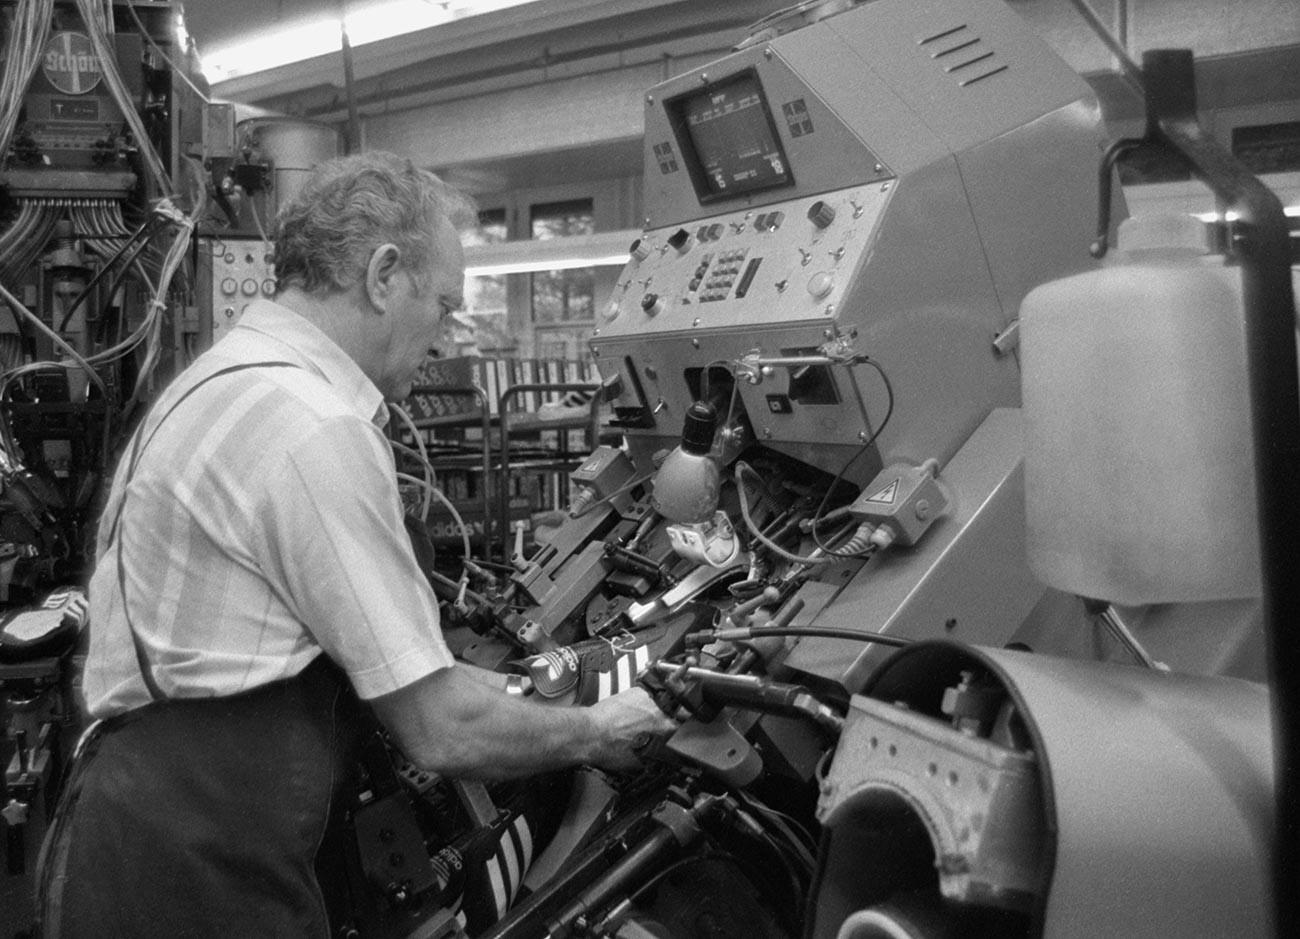 ソ連と協力していたアディダスの工場の一つ